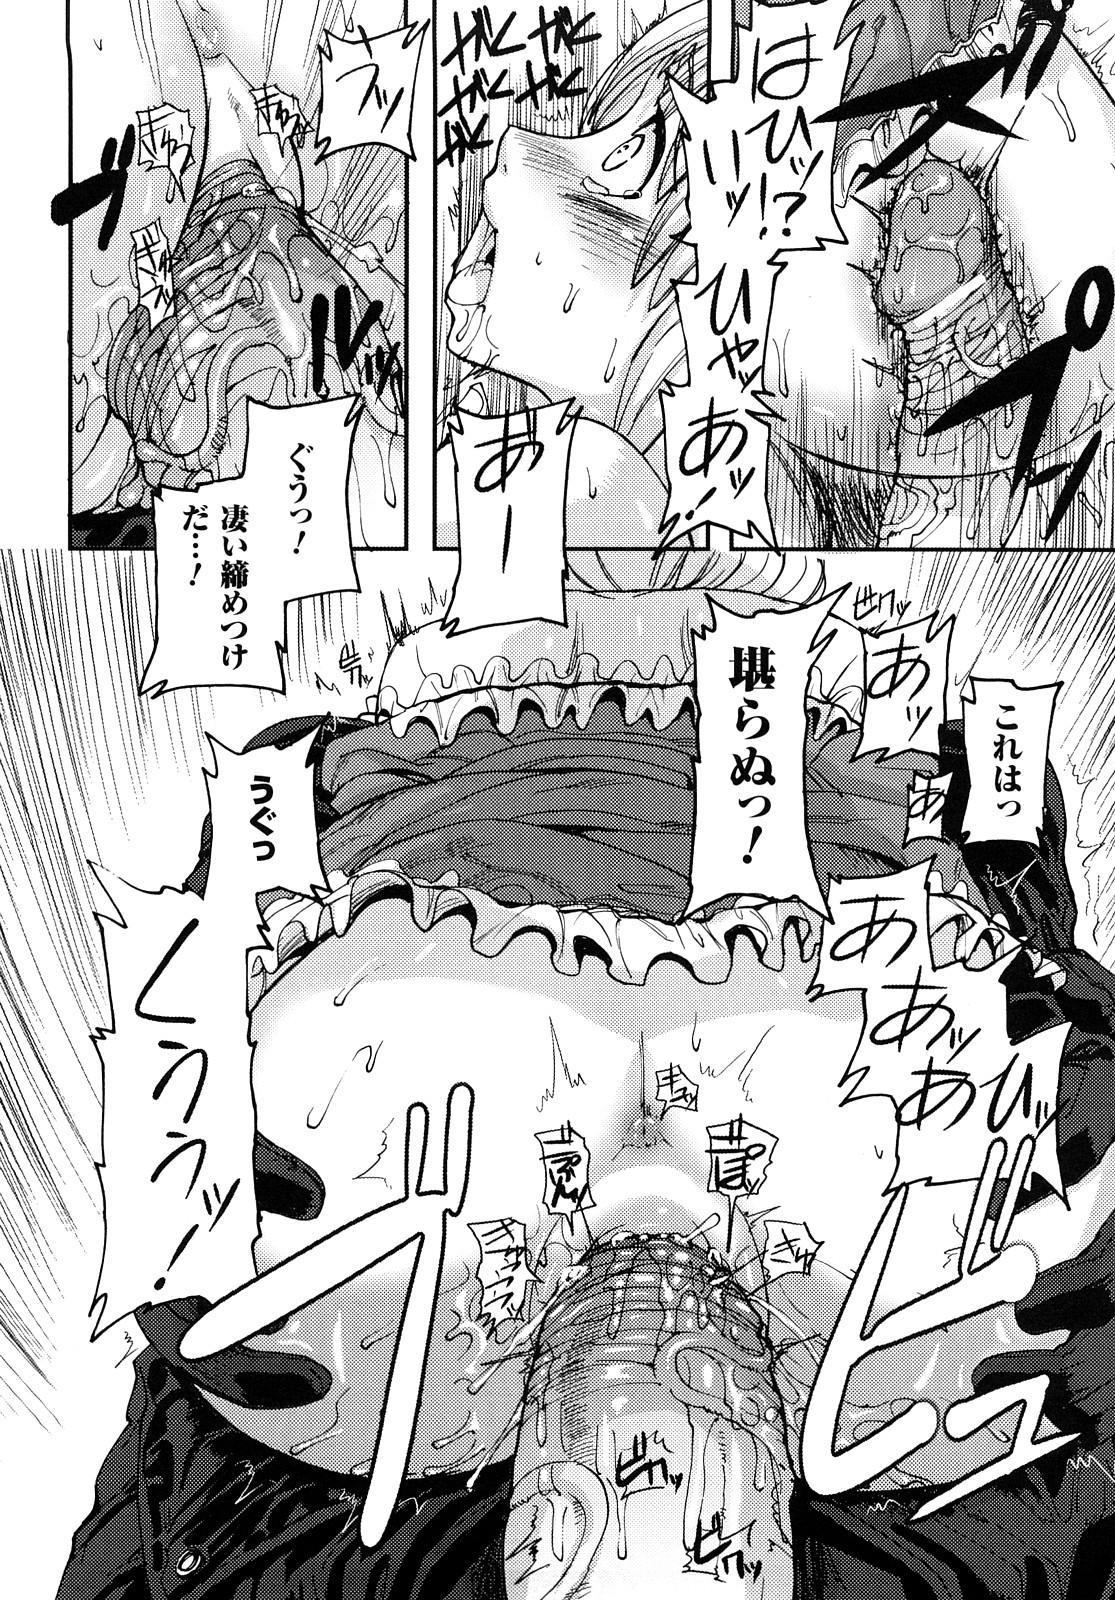 Cerberum no Hitsugi Haitoku no Hanmegami - The Coffin of Cerebrum Immoral Demivenus 154